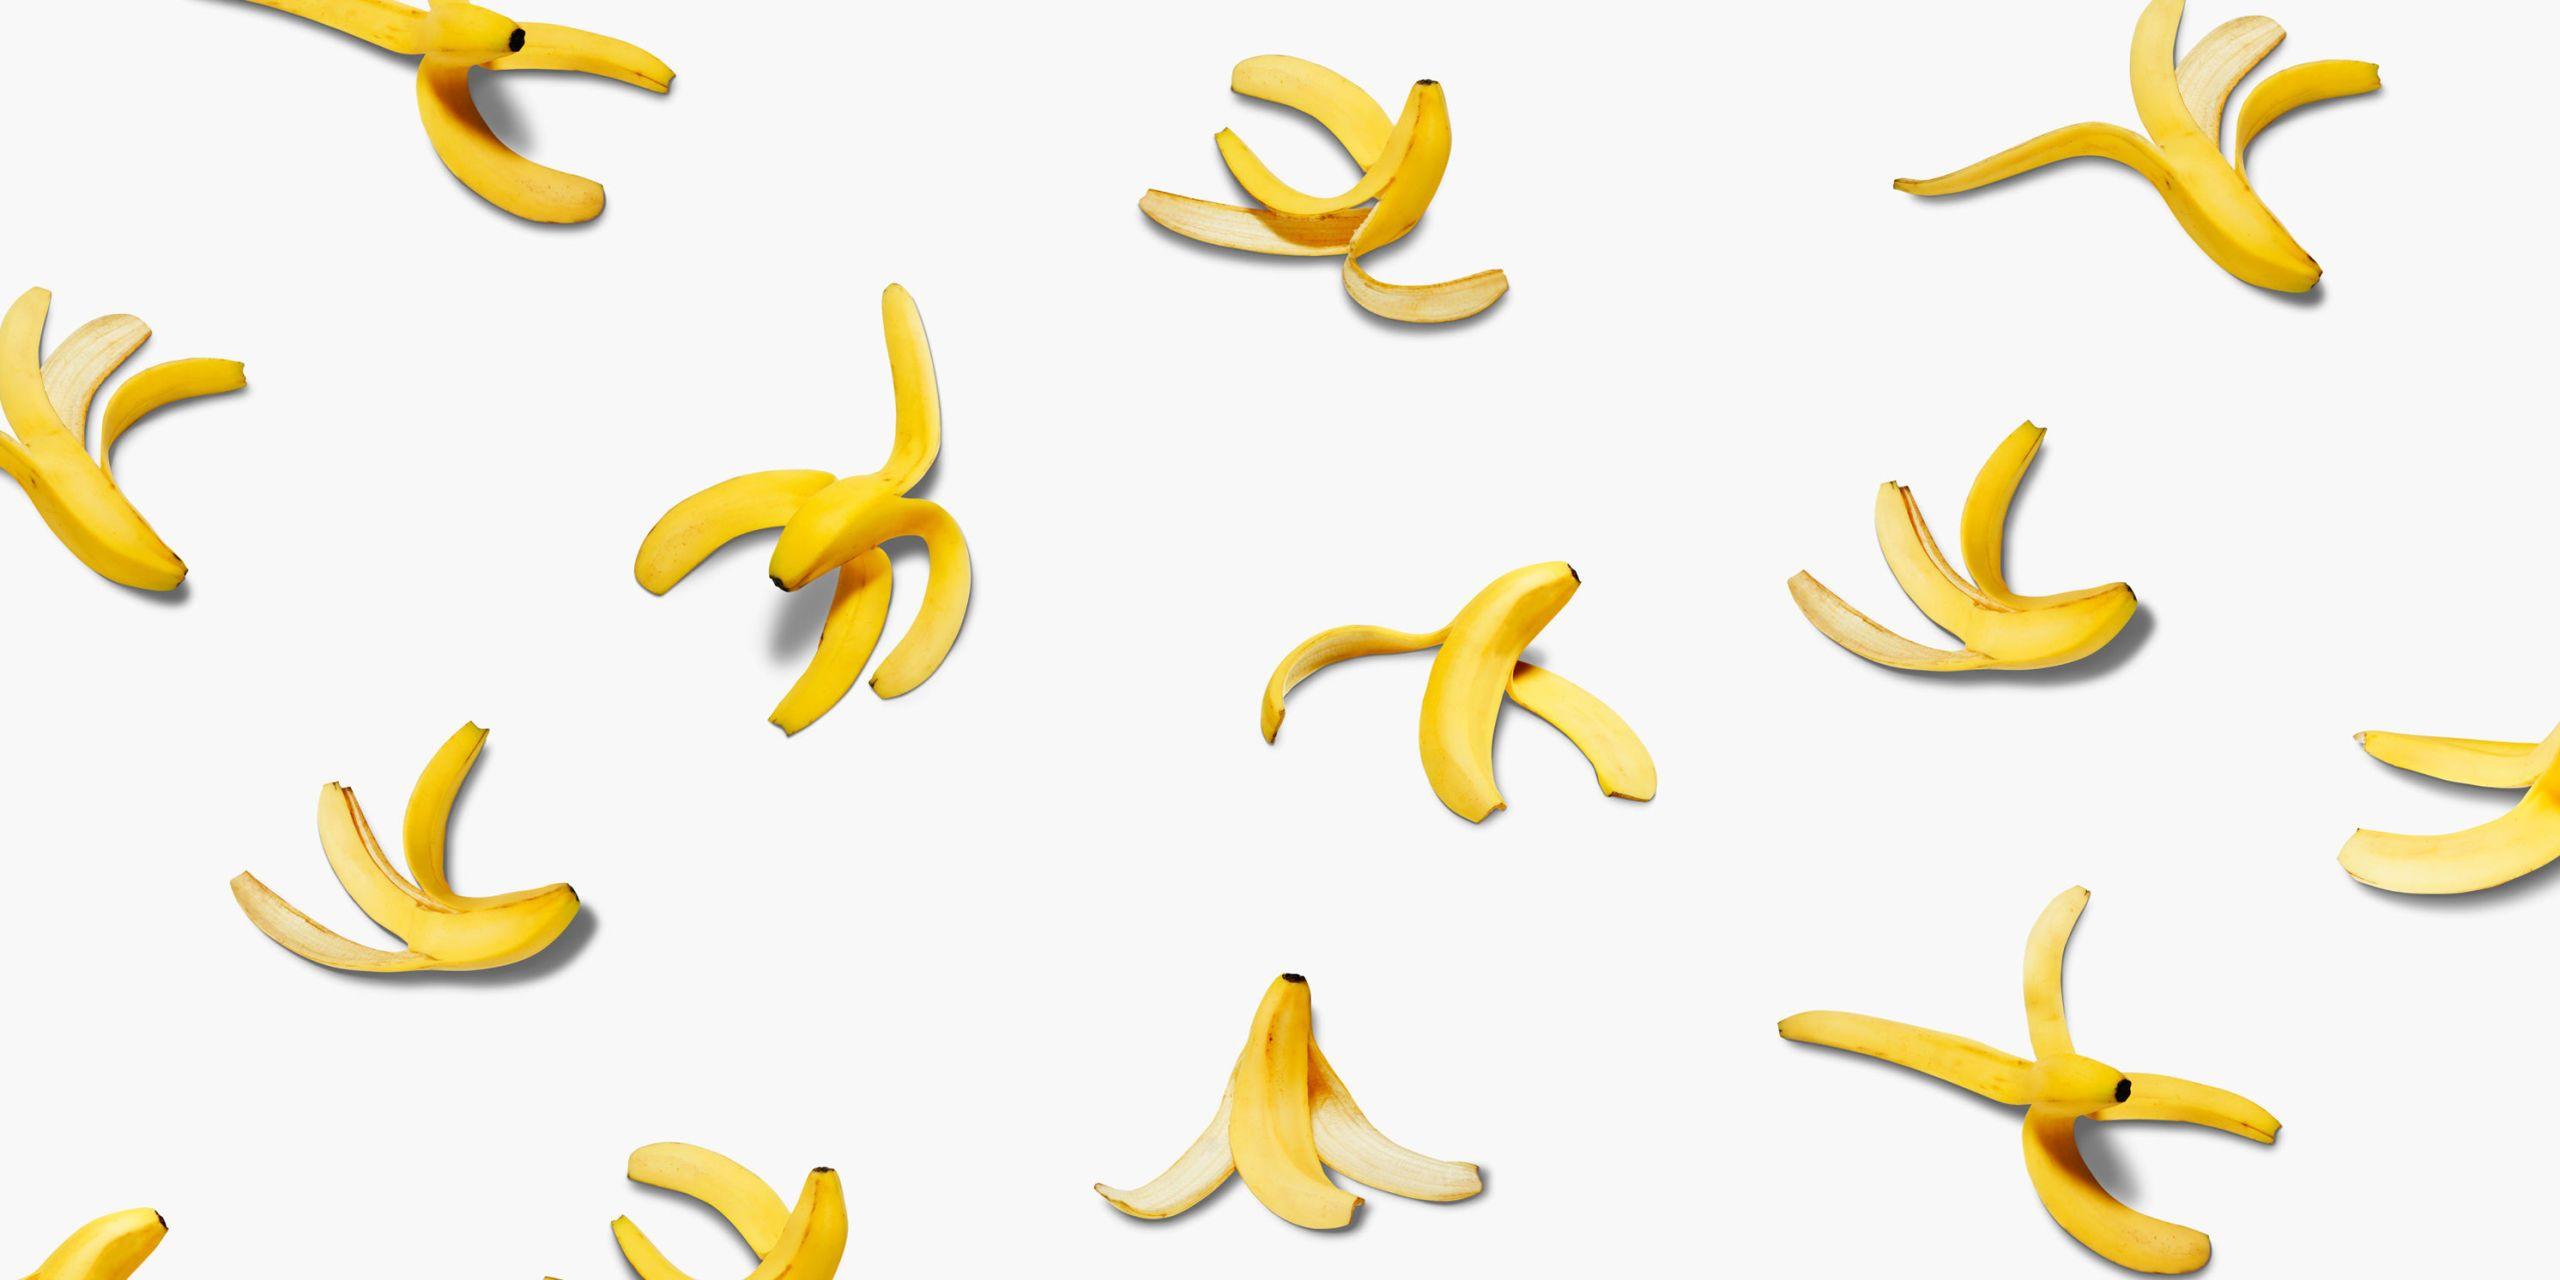 Bad christmas gifts banana